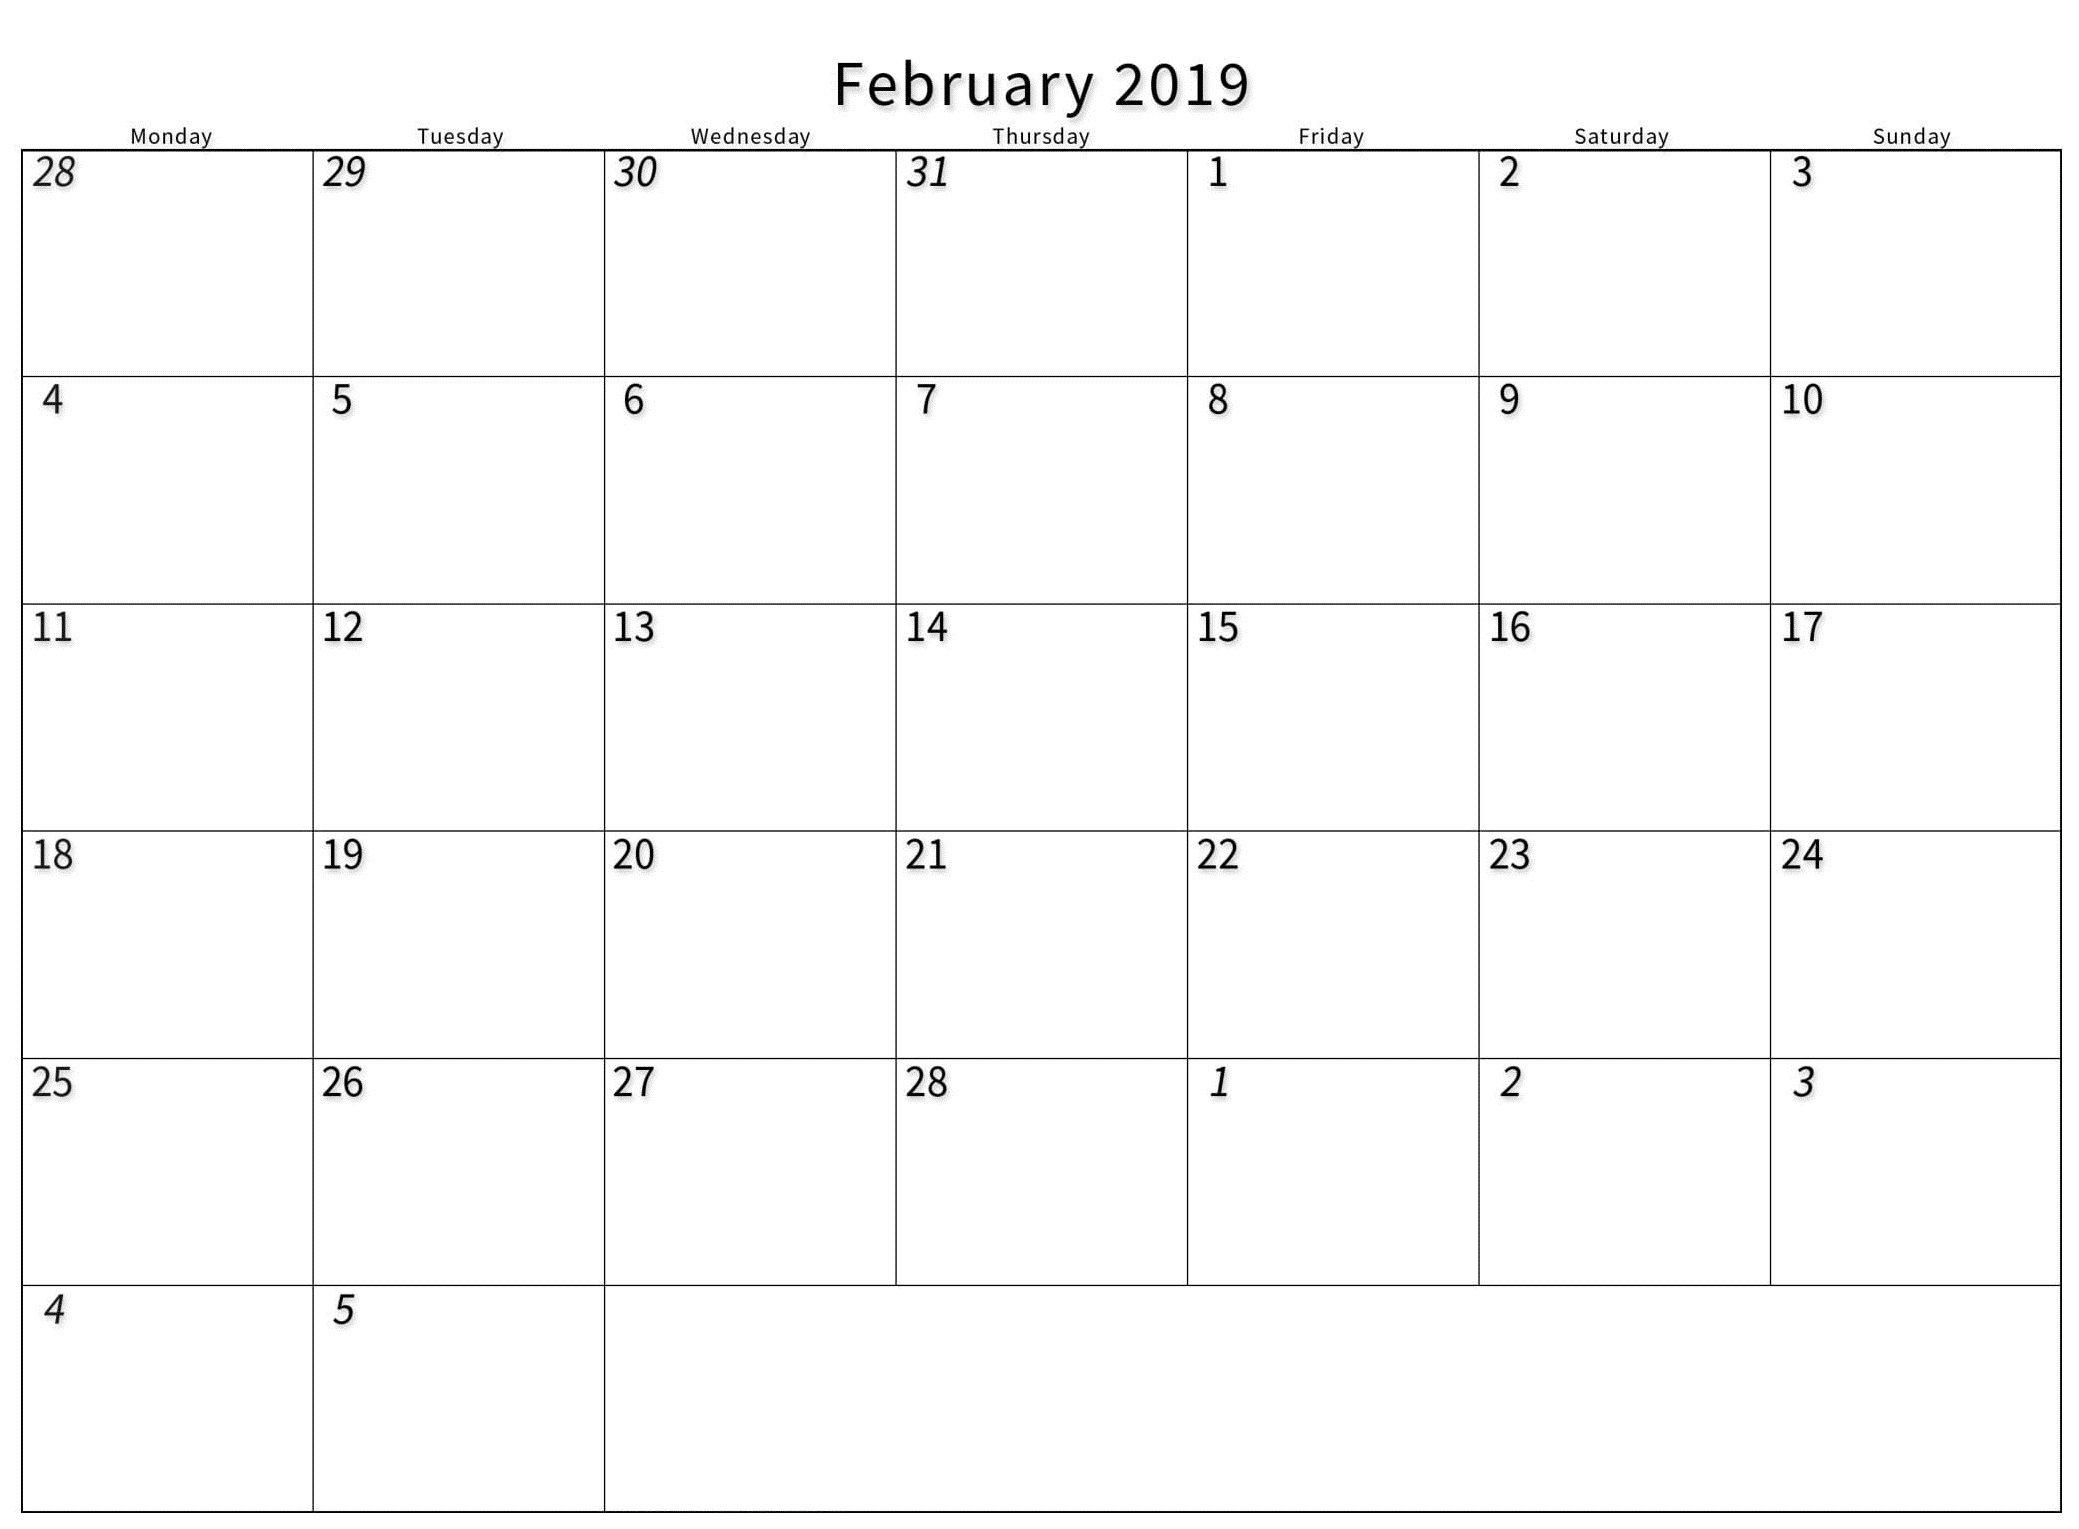 Print A Calendar February 2019 - 2019 Printable Calendar Store Print-A-Calendar 2019